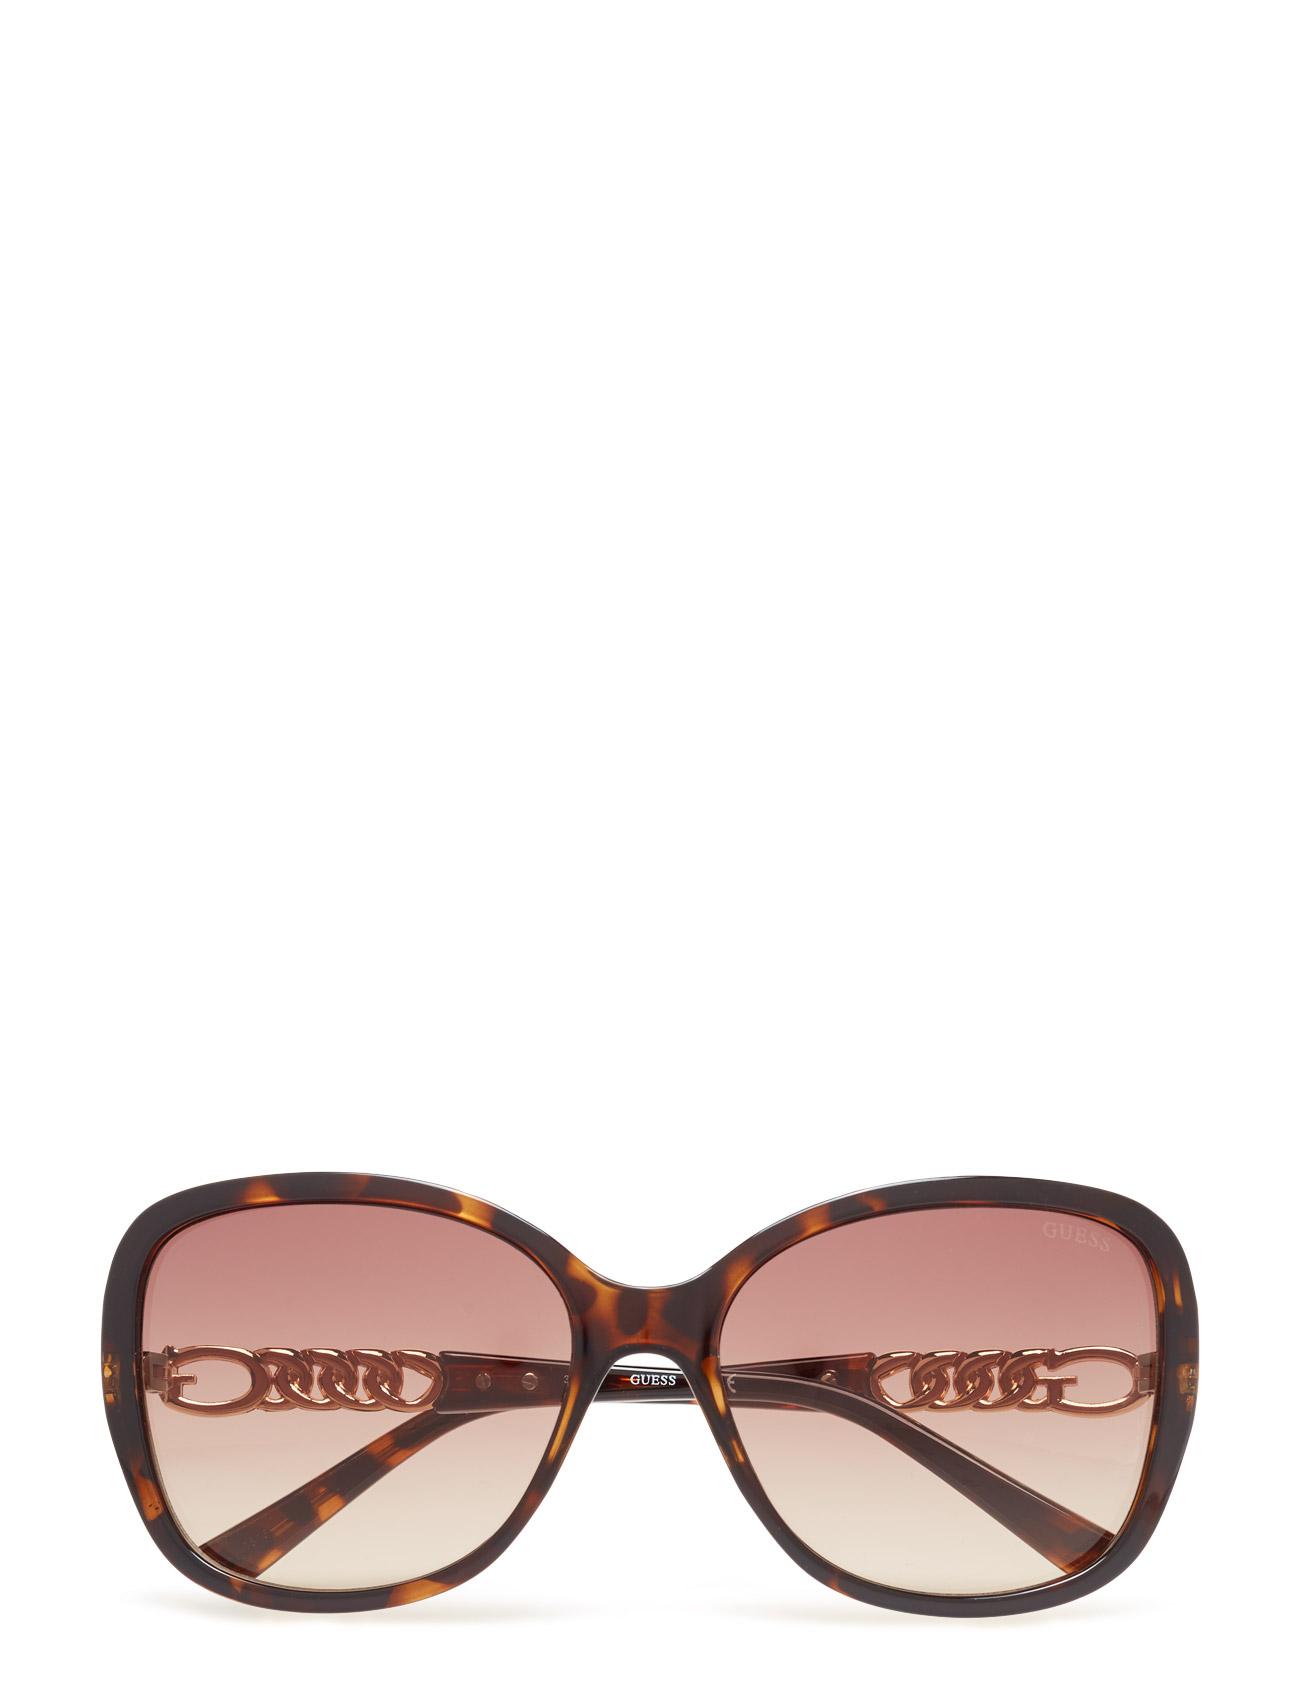 7489d1f1b709 Gu7452 GUESS Solbriller til Damer i